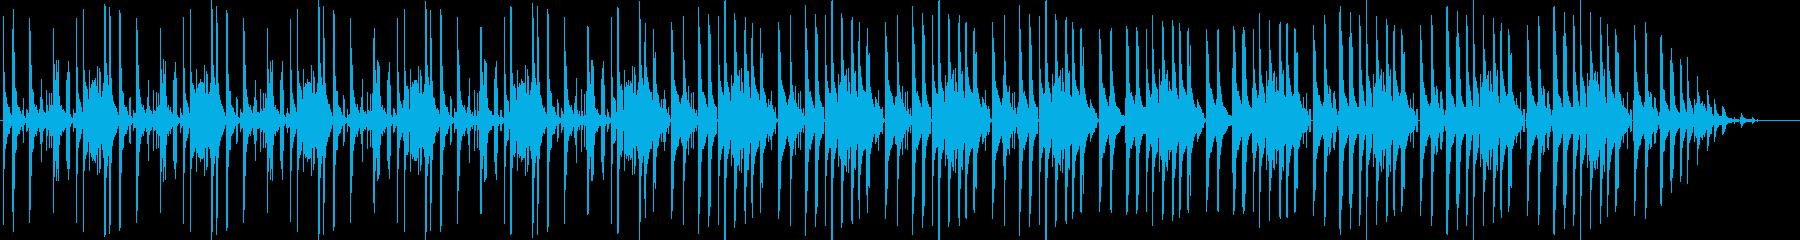 エレクトロHiphopの再生済みの波形